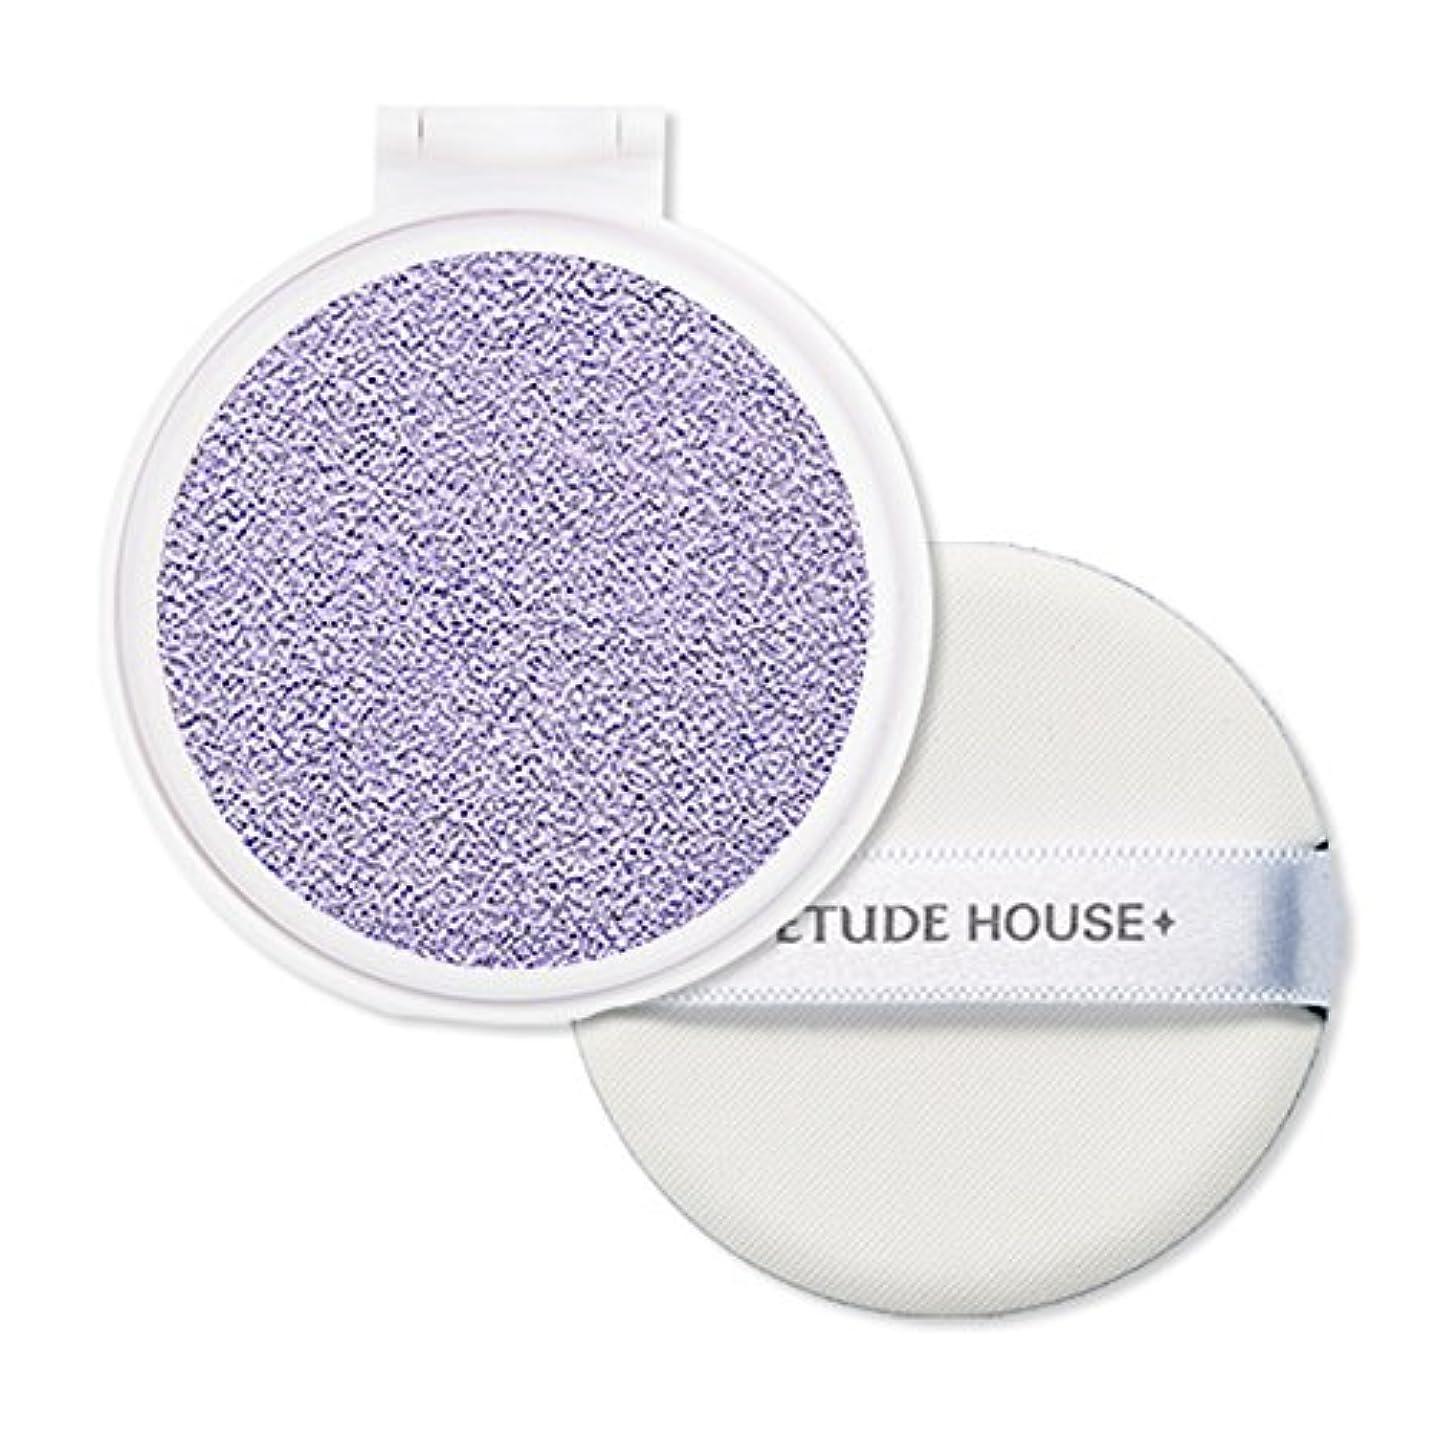 オンサロン航空エチュードハウス(ETUDE HOUSE) エニークッション カラーコレクター レフィル Lavender